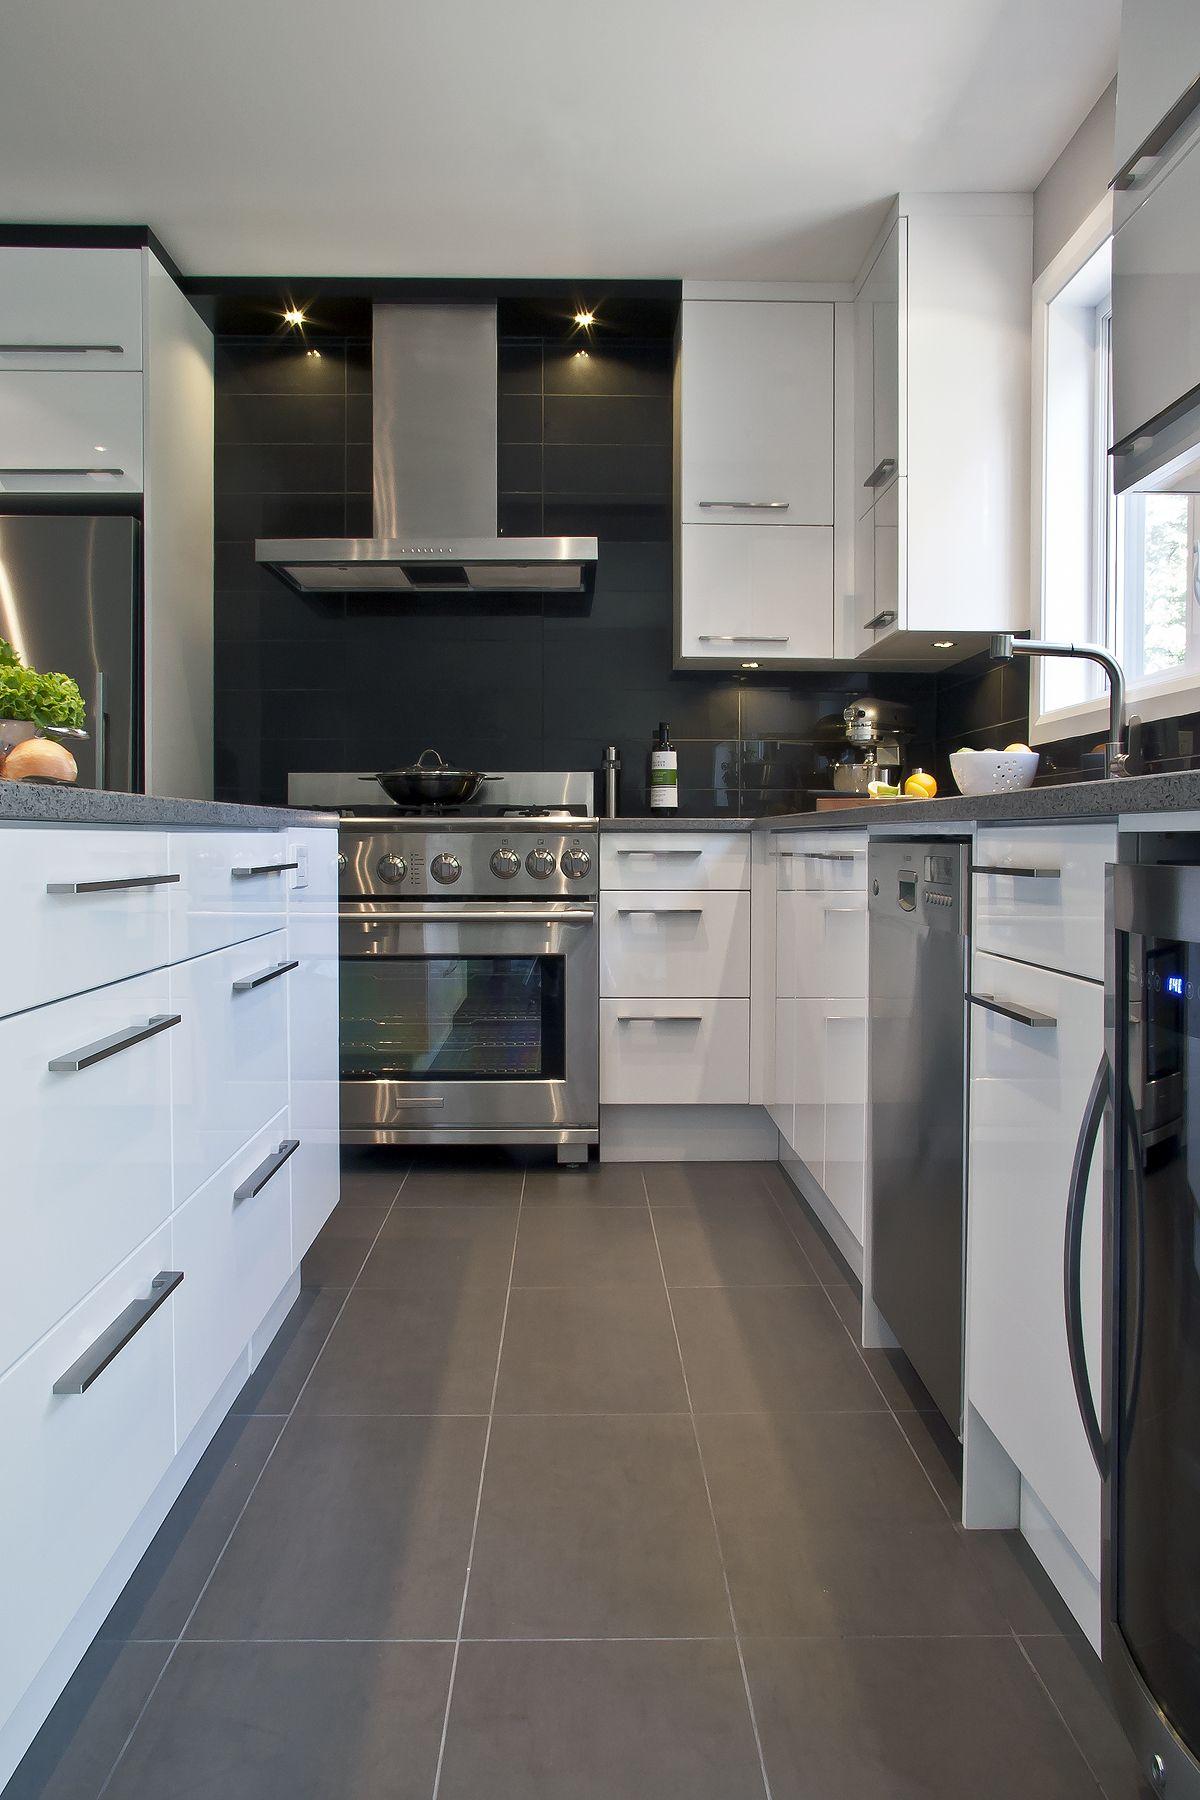 cuisine contemporaine dans une construction neuve thermo. Black Bedroom Furniture Sets. Home Design Ideas